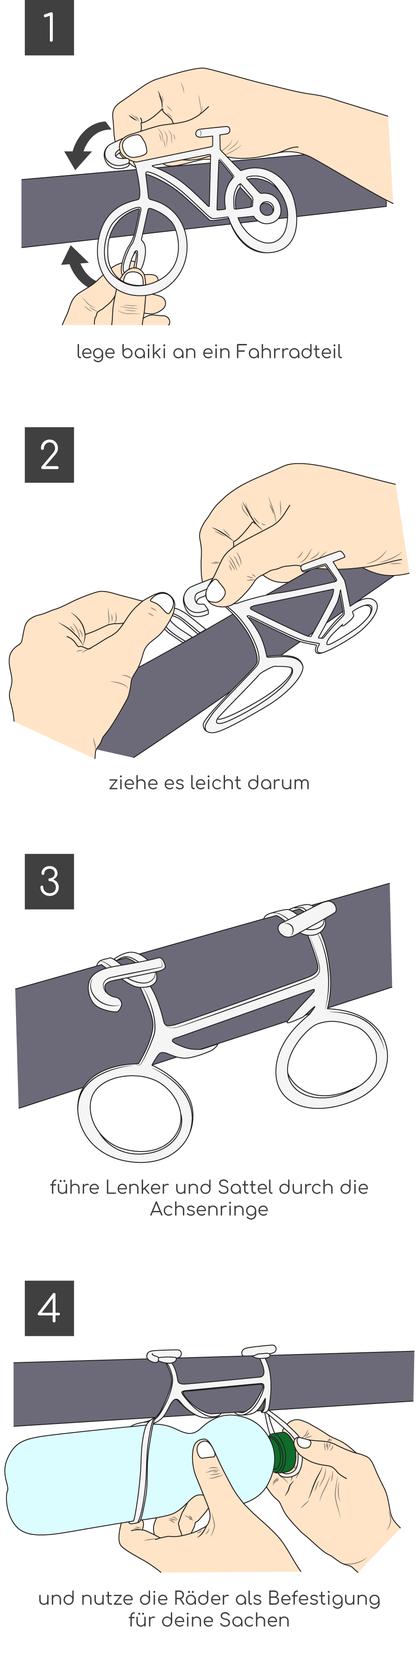 Anleitung: So funktioniert das baiki Universalband / Gummiband